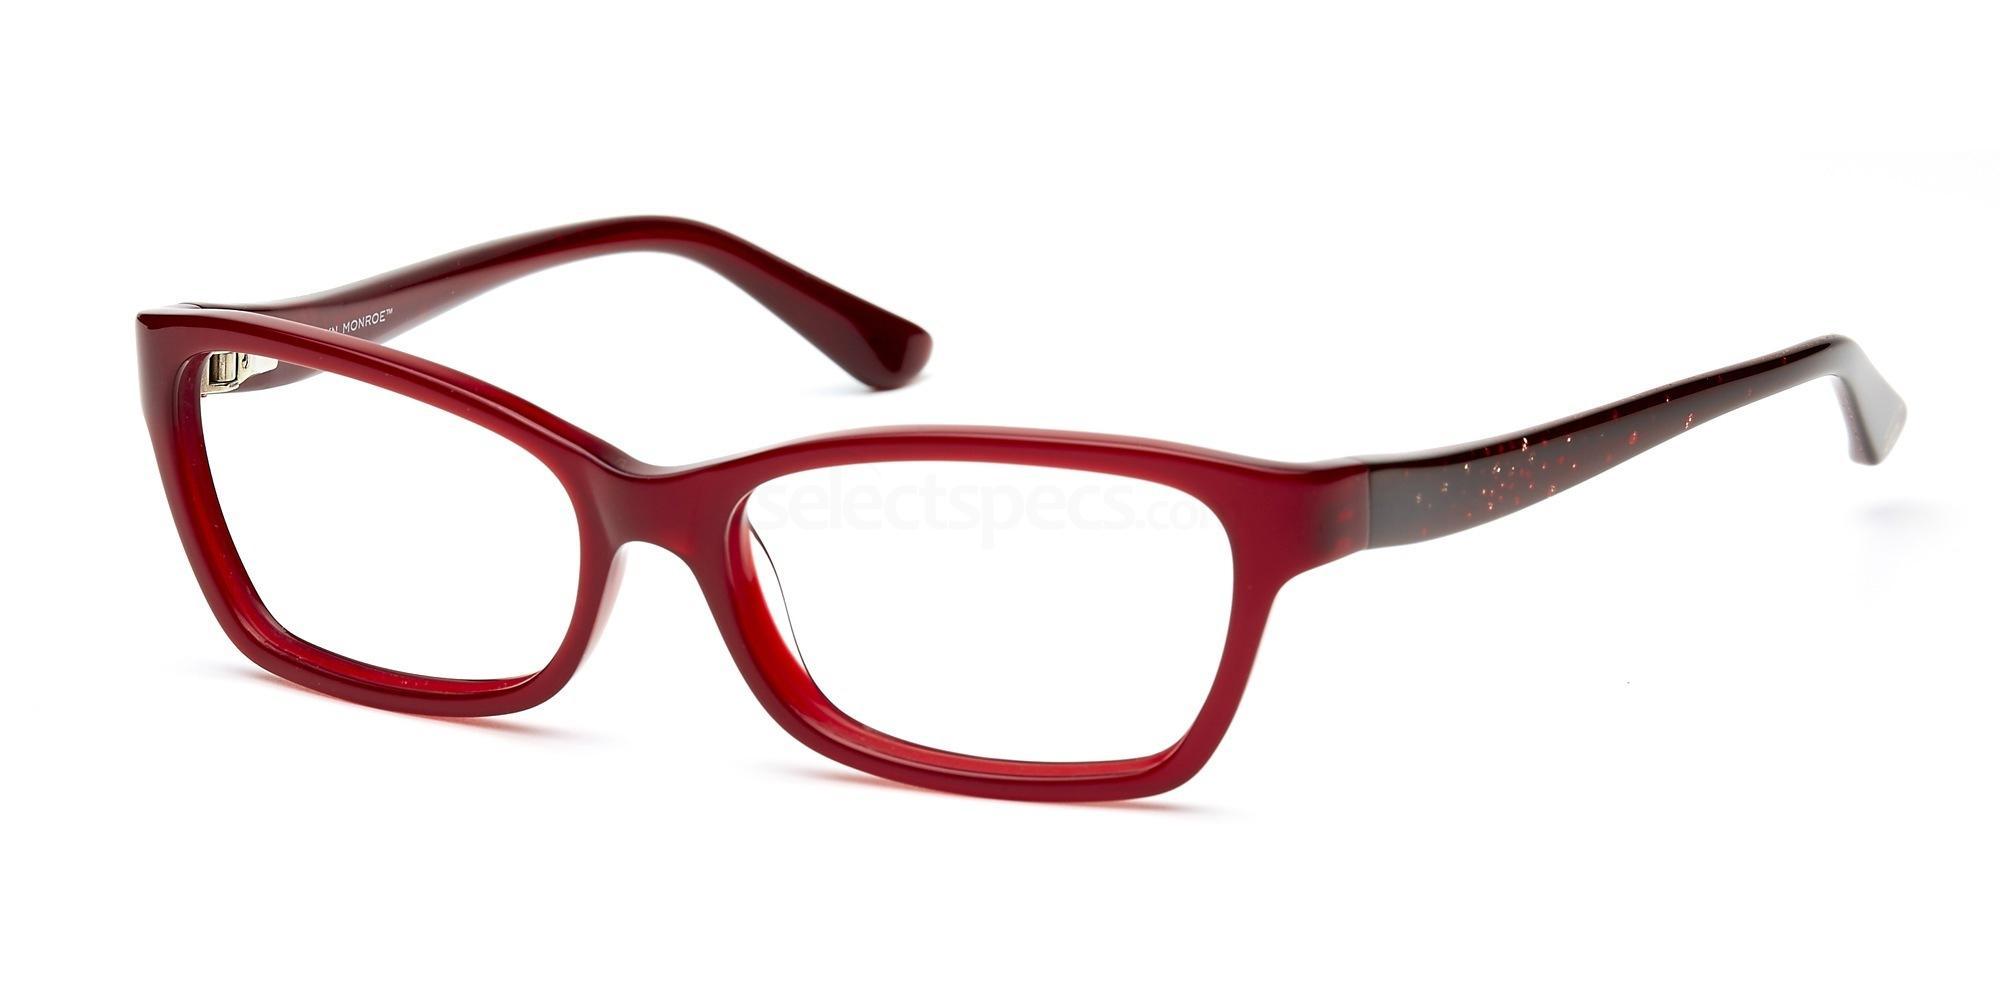 C1 MMO147 Glasses, Marilyn Monroe